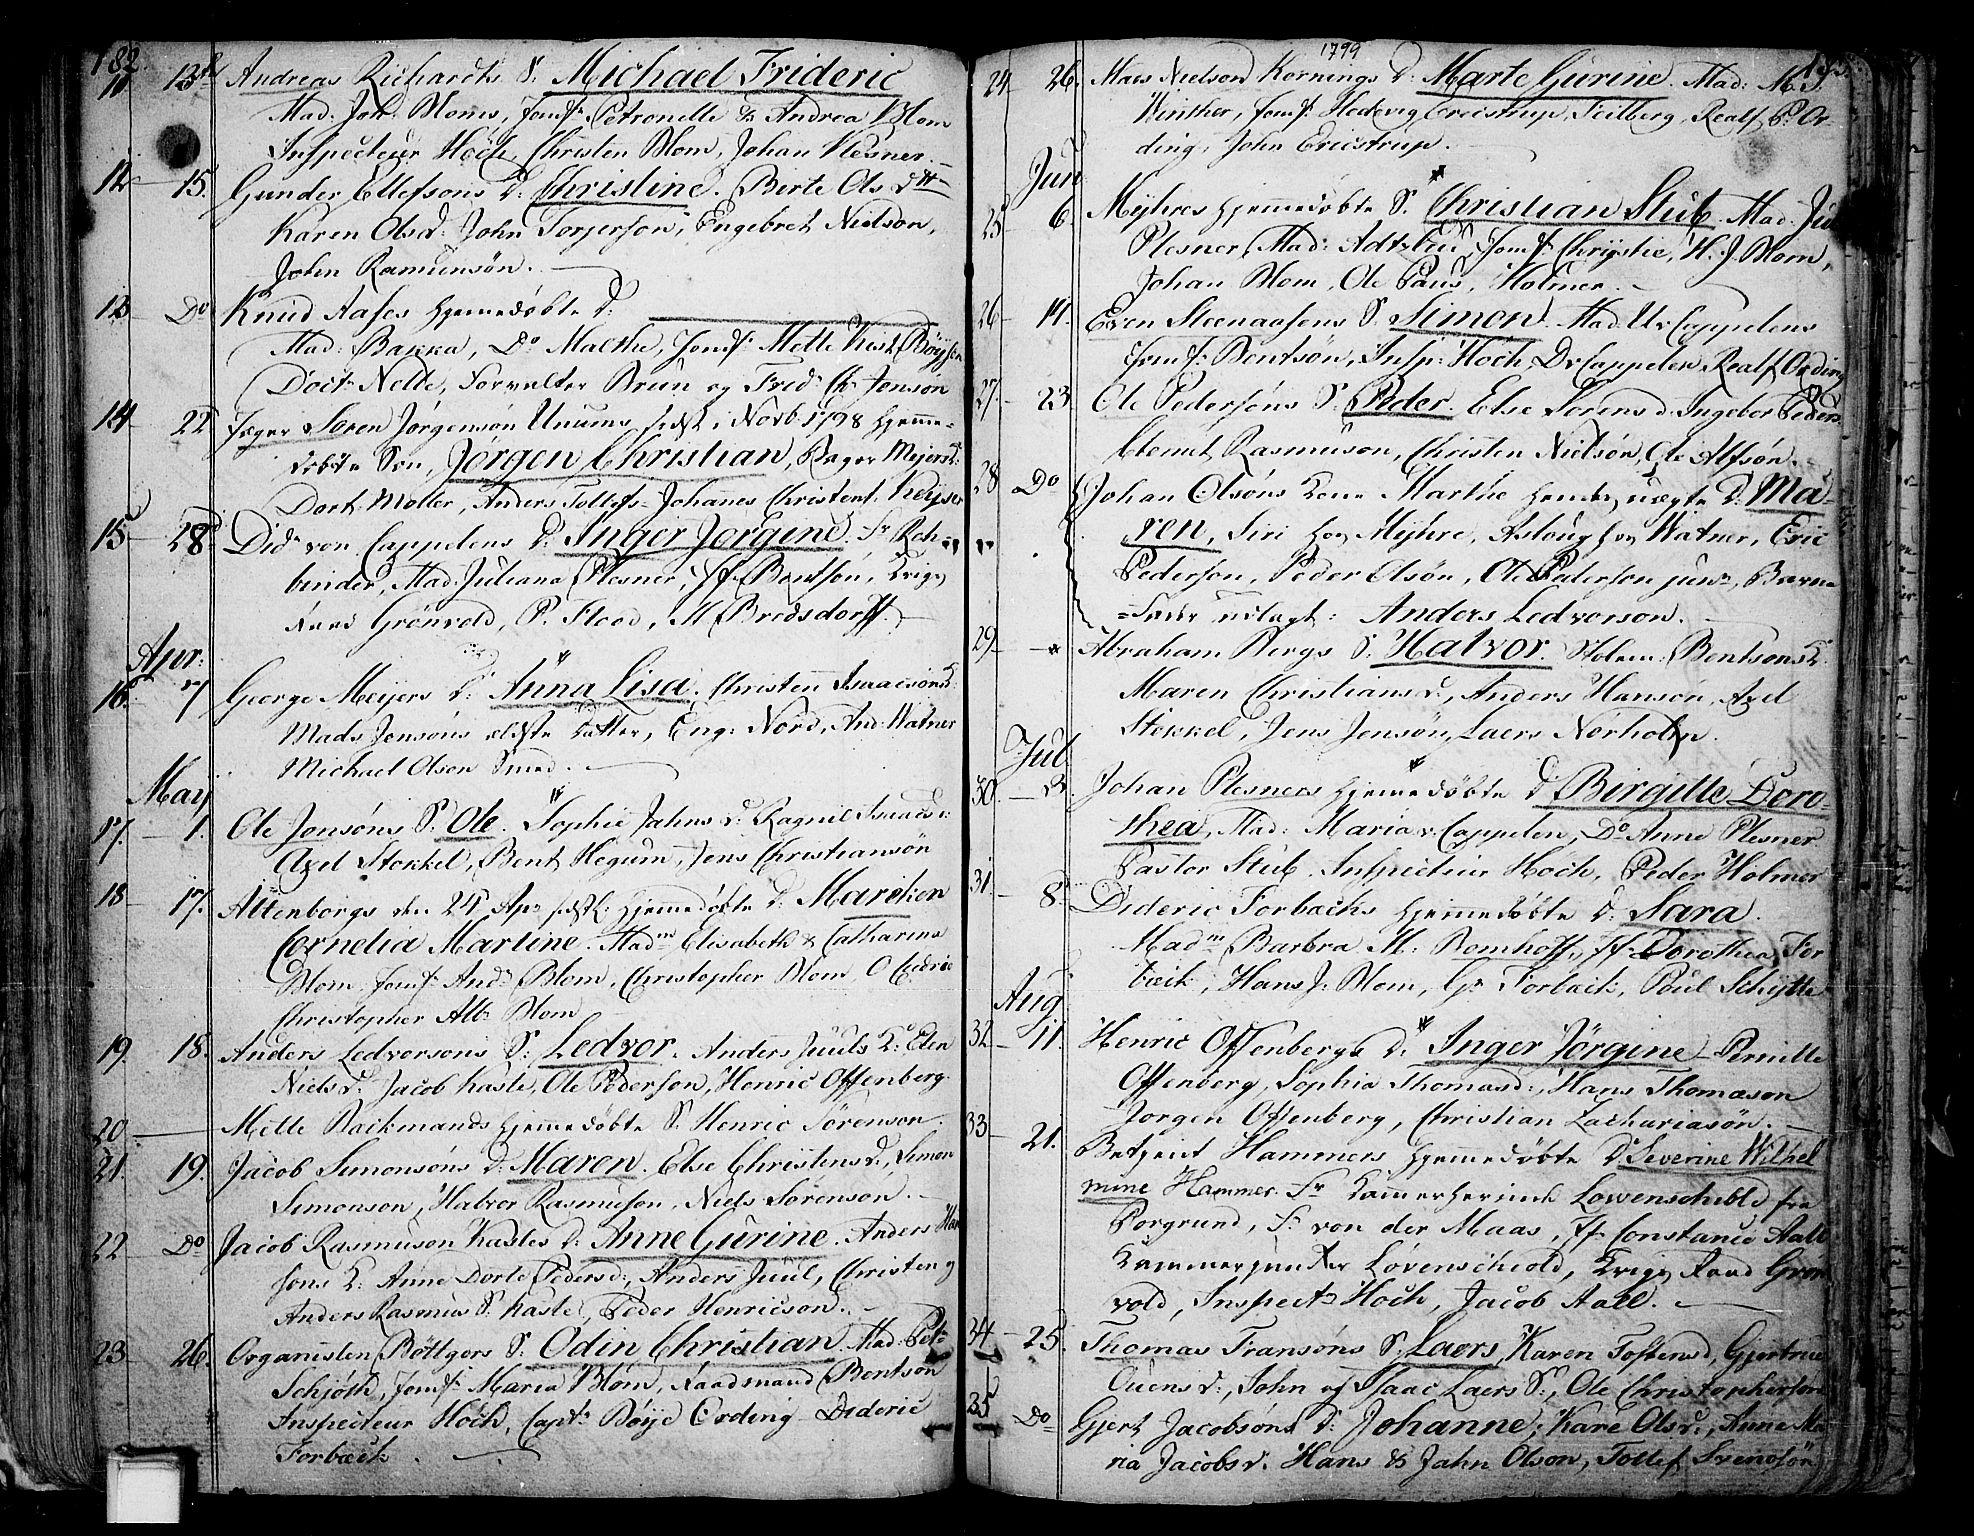 SAKO, Skien kirkebøker, F/Fa/L0004: Ministerialbok nr. 4, 1792-1814, s. 182-183